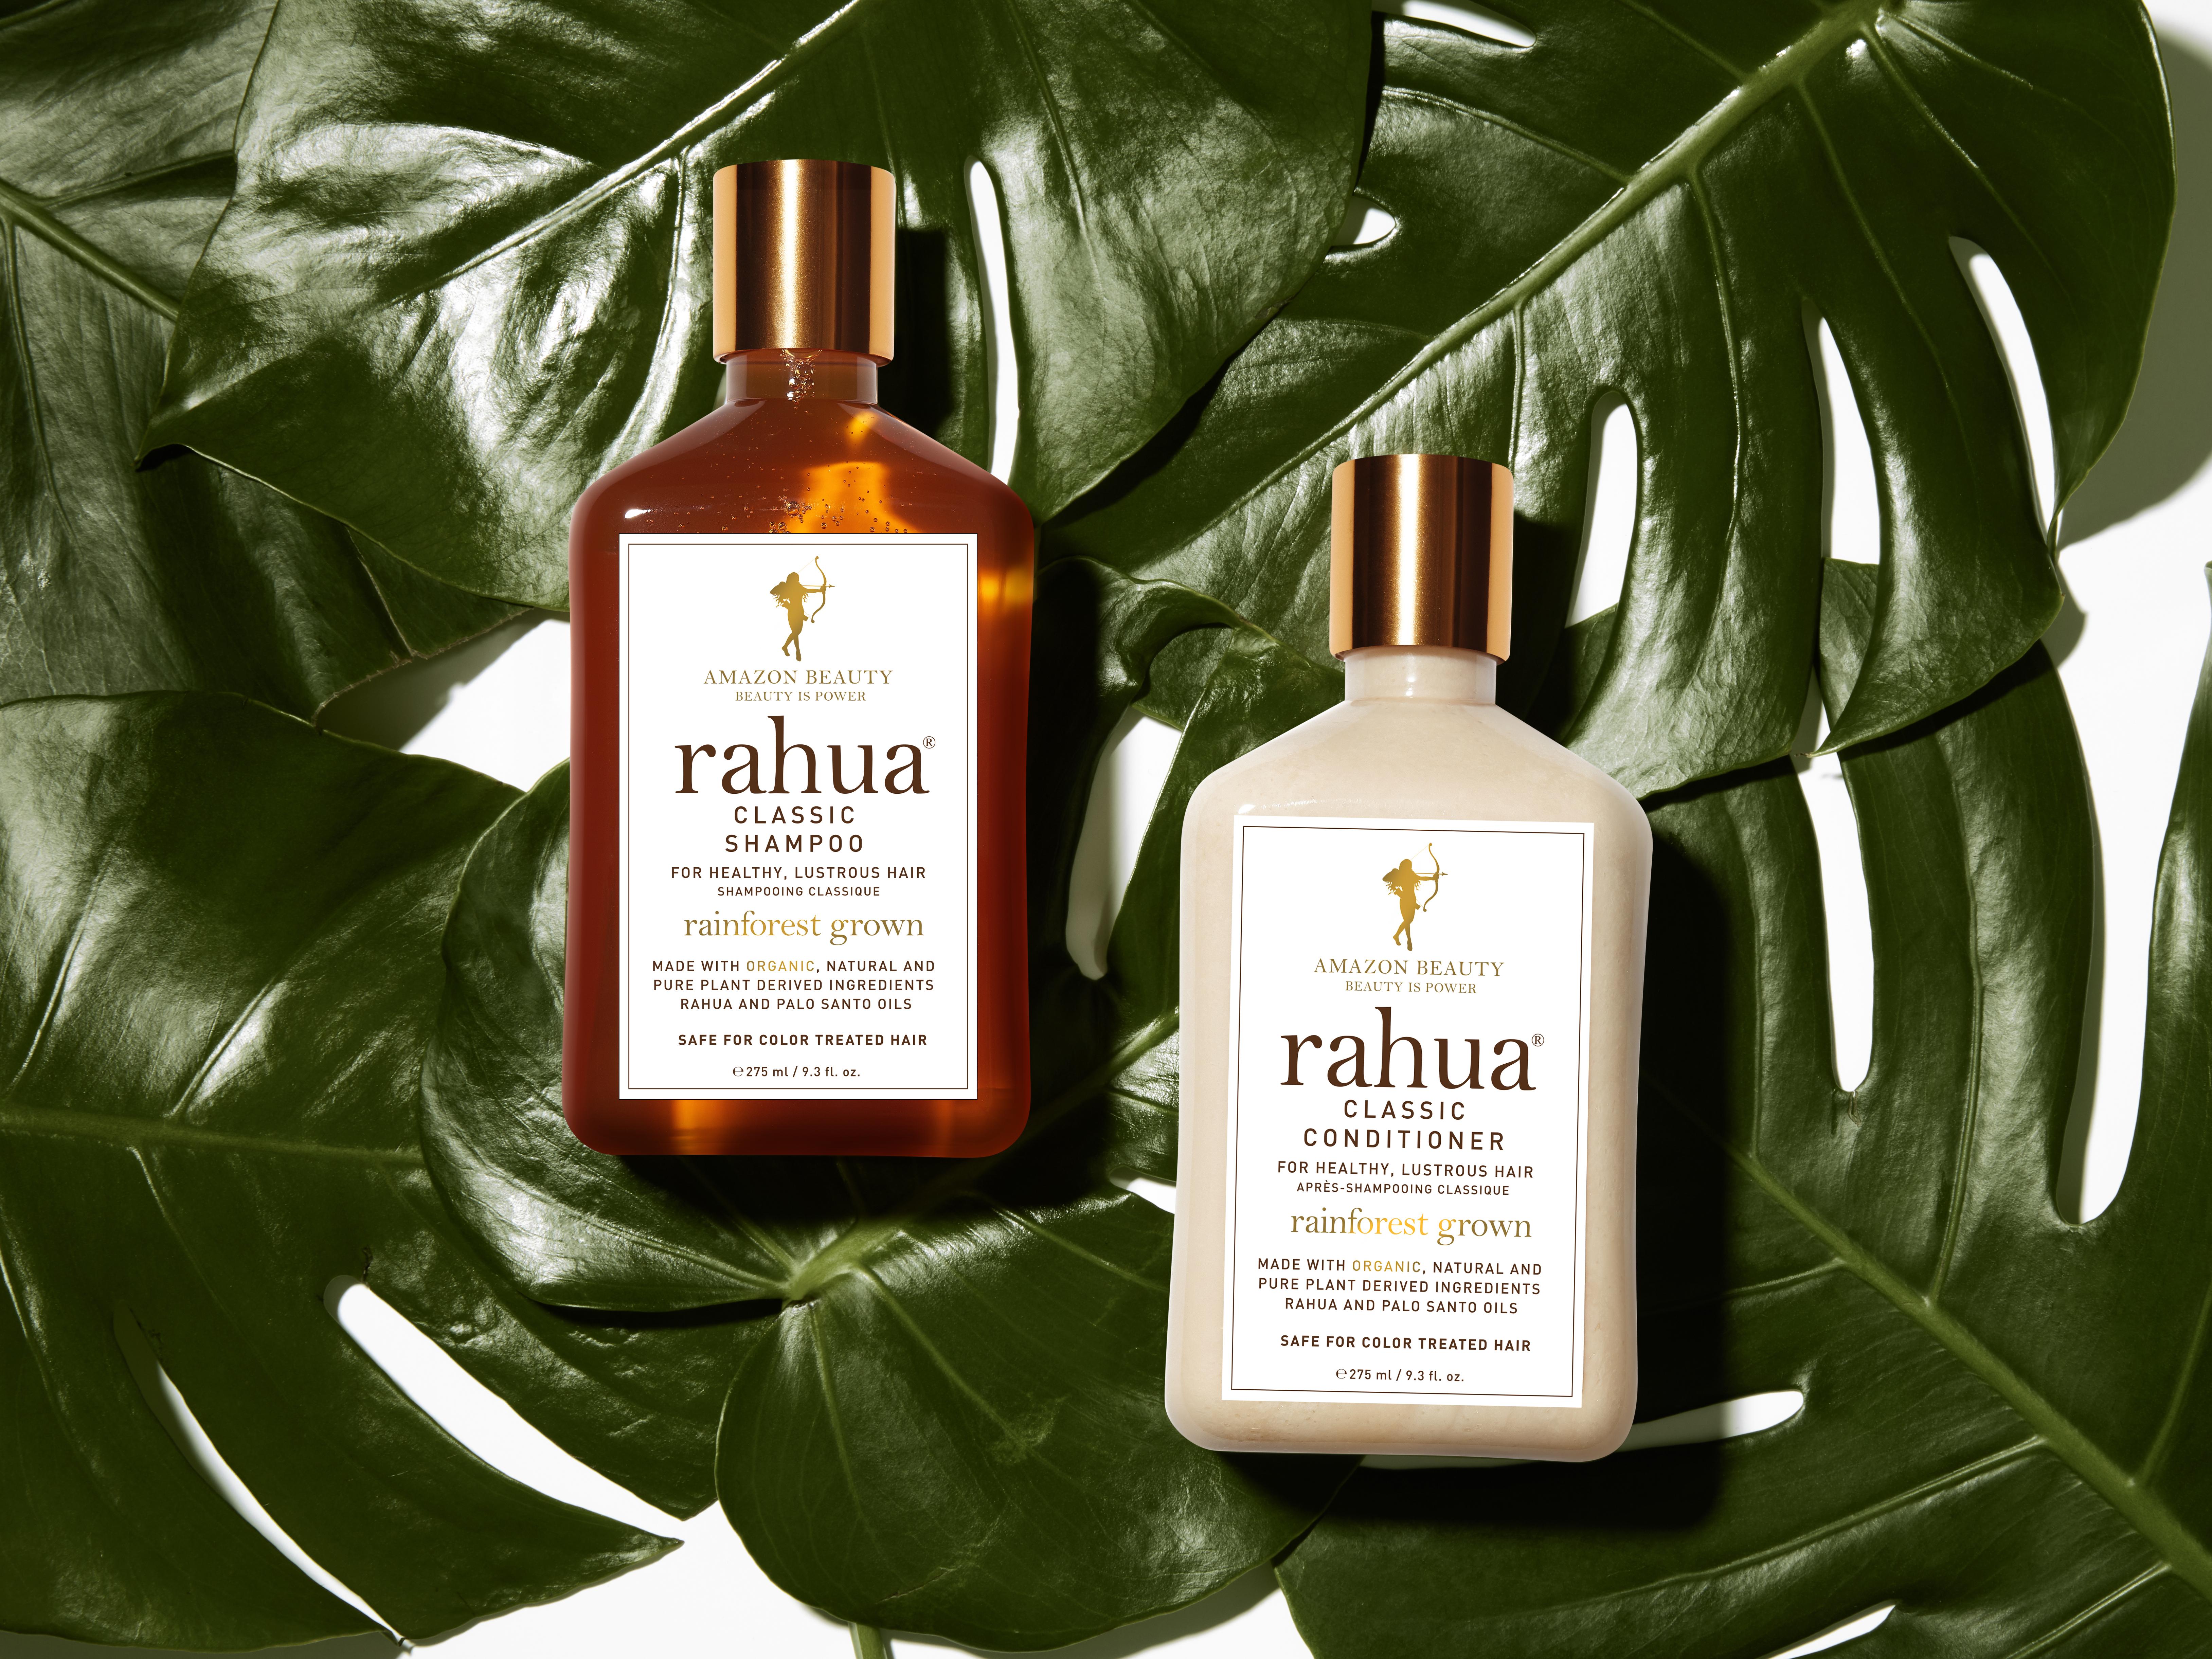 champú, cabello, belleza natural, Rahua